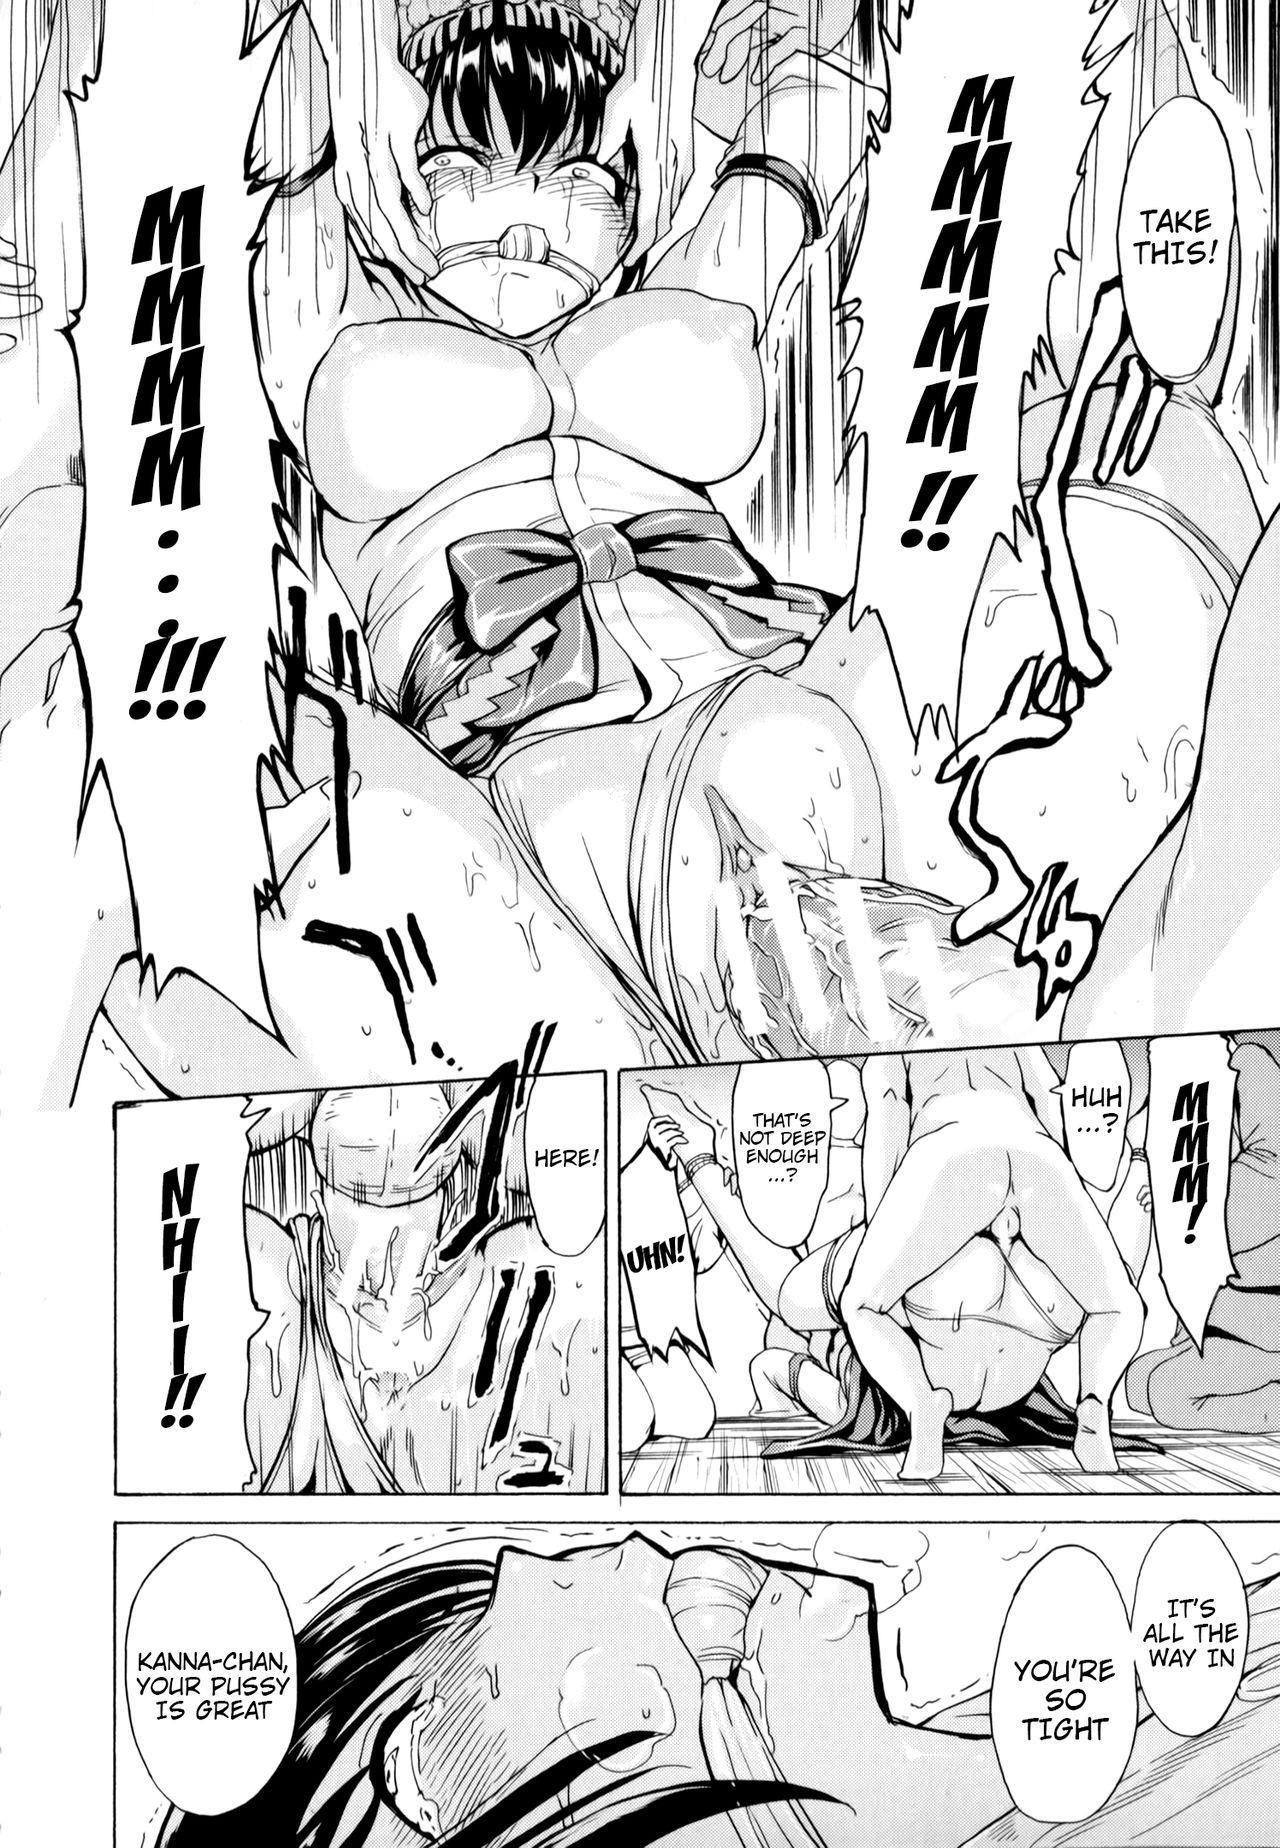 [Hakaba] Kedamono no Ie (Joukan)   The Beast House [English] {Chocolate + doujins.com} 127